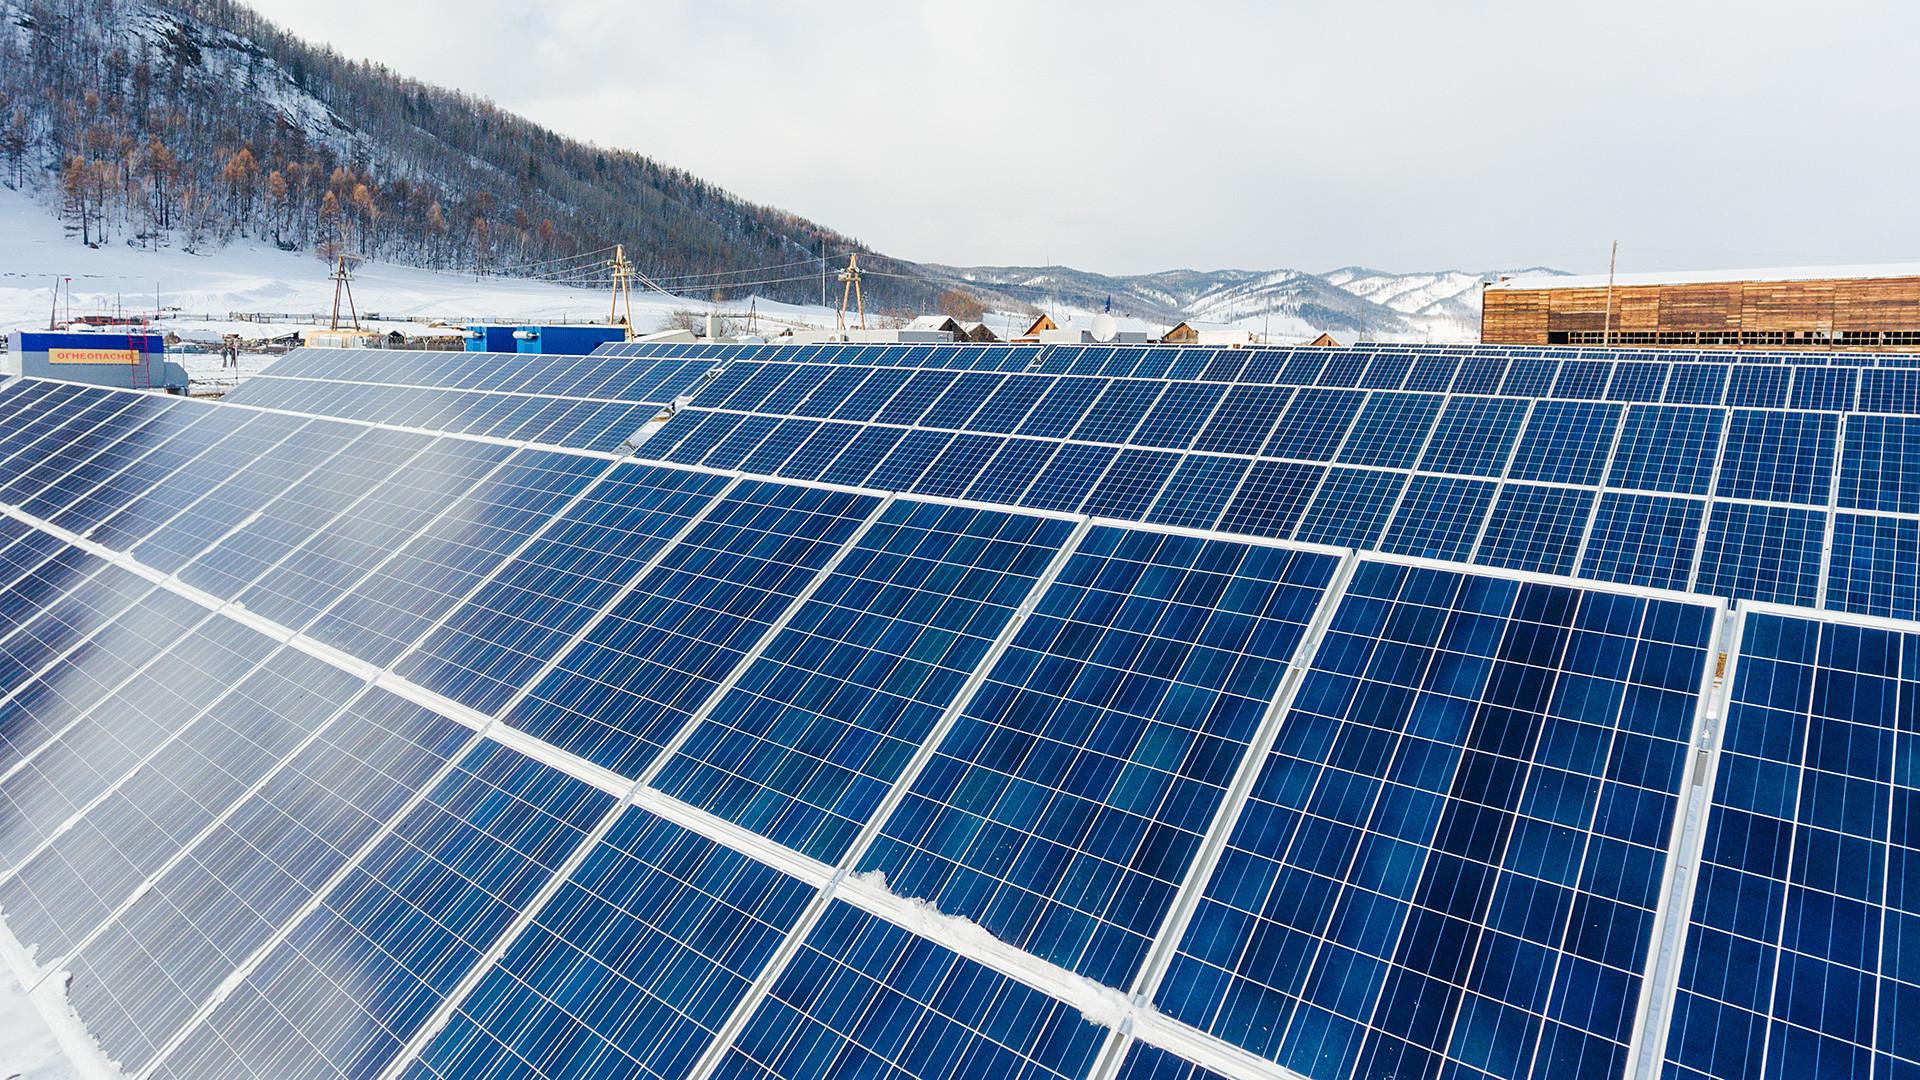 Соларна електрана во Менза.